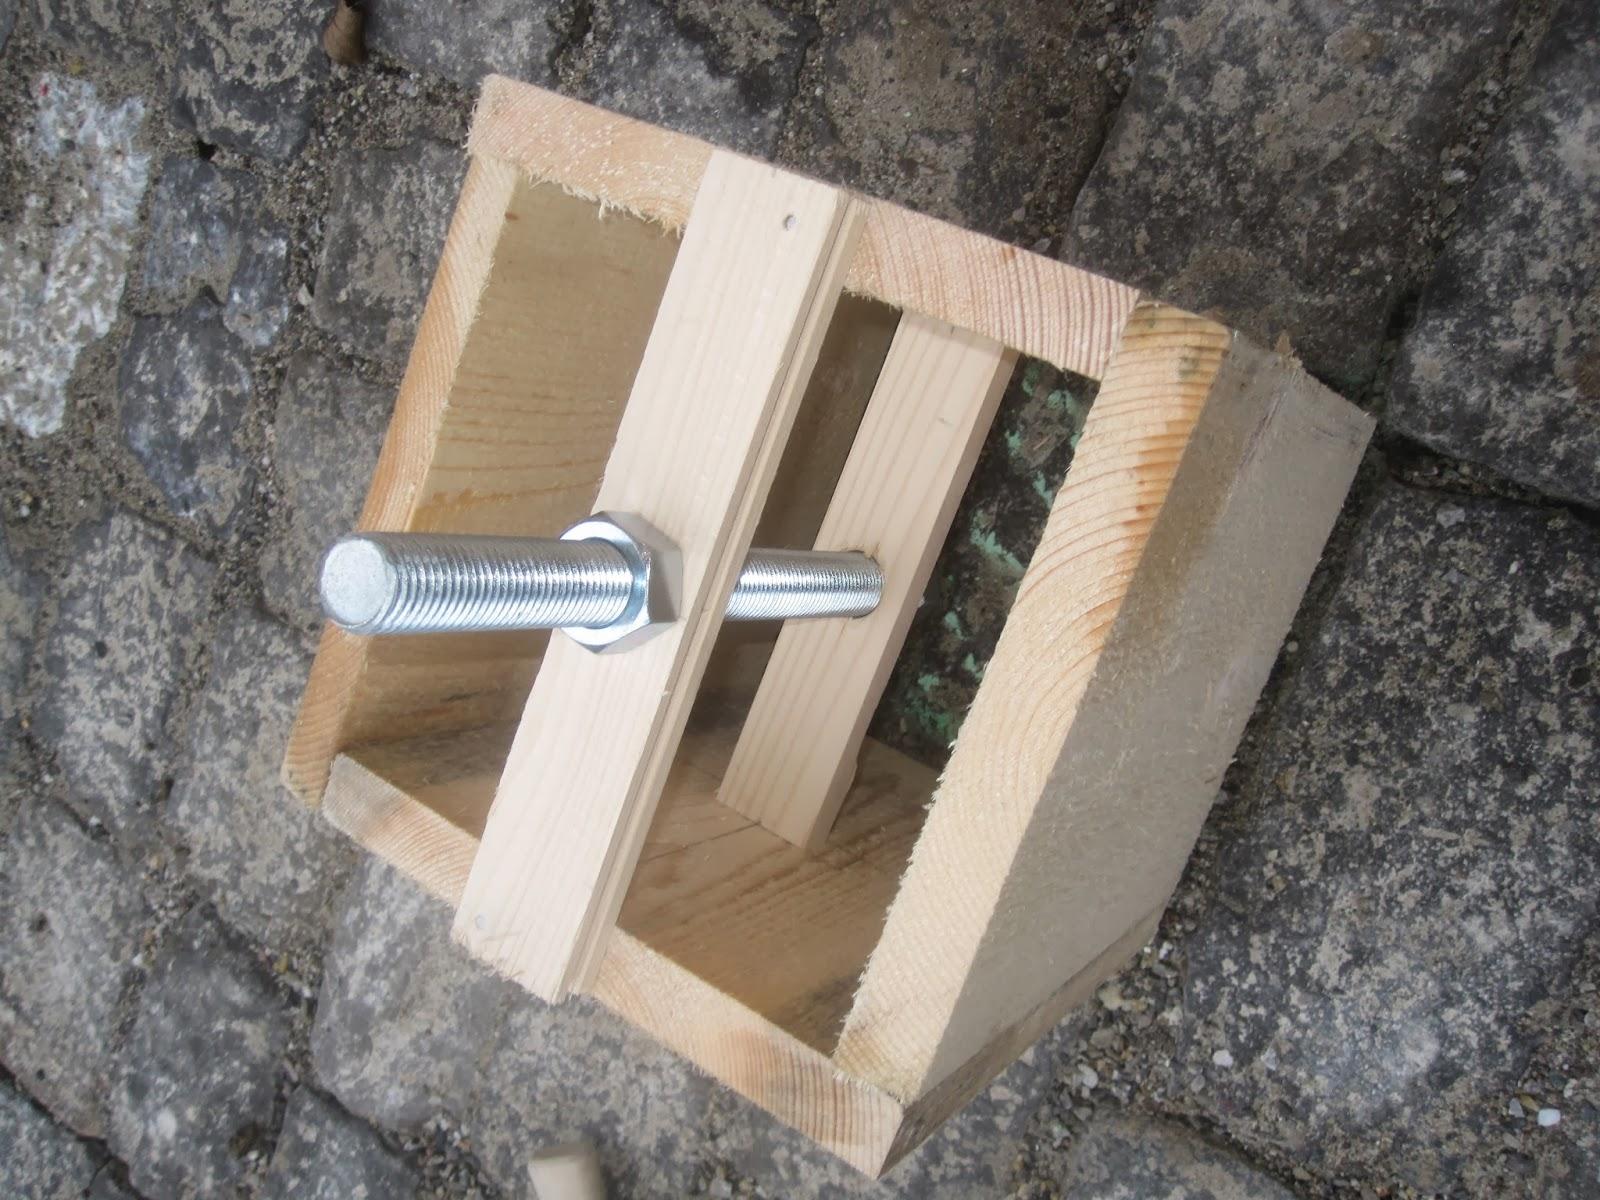 holzhaus wir bauen ein haus aus holz fundament fahrradunterstand. Black Bedroom Furniture Sets. Home Design Ideas